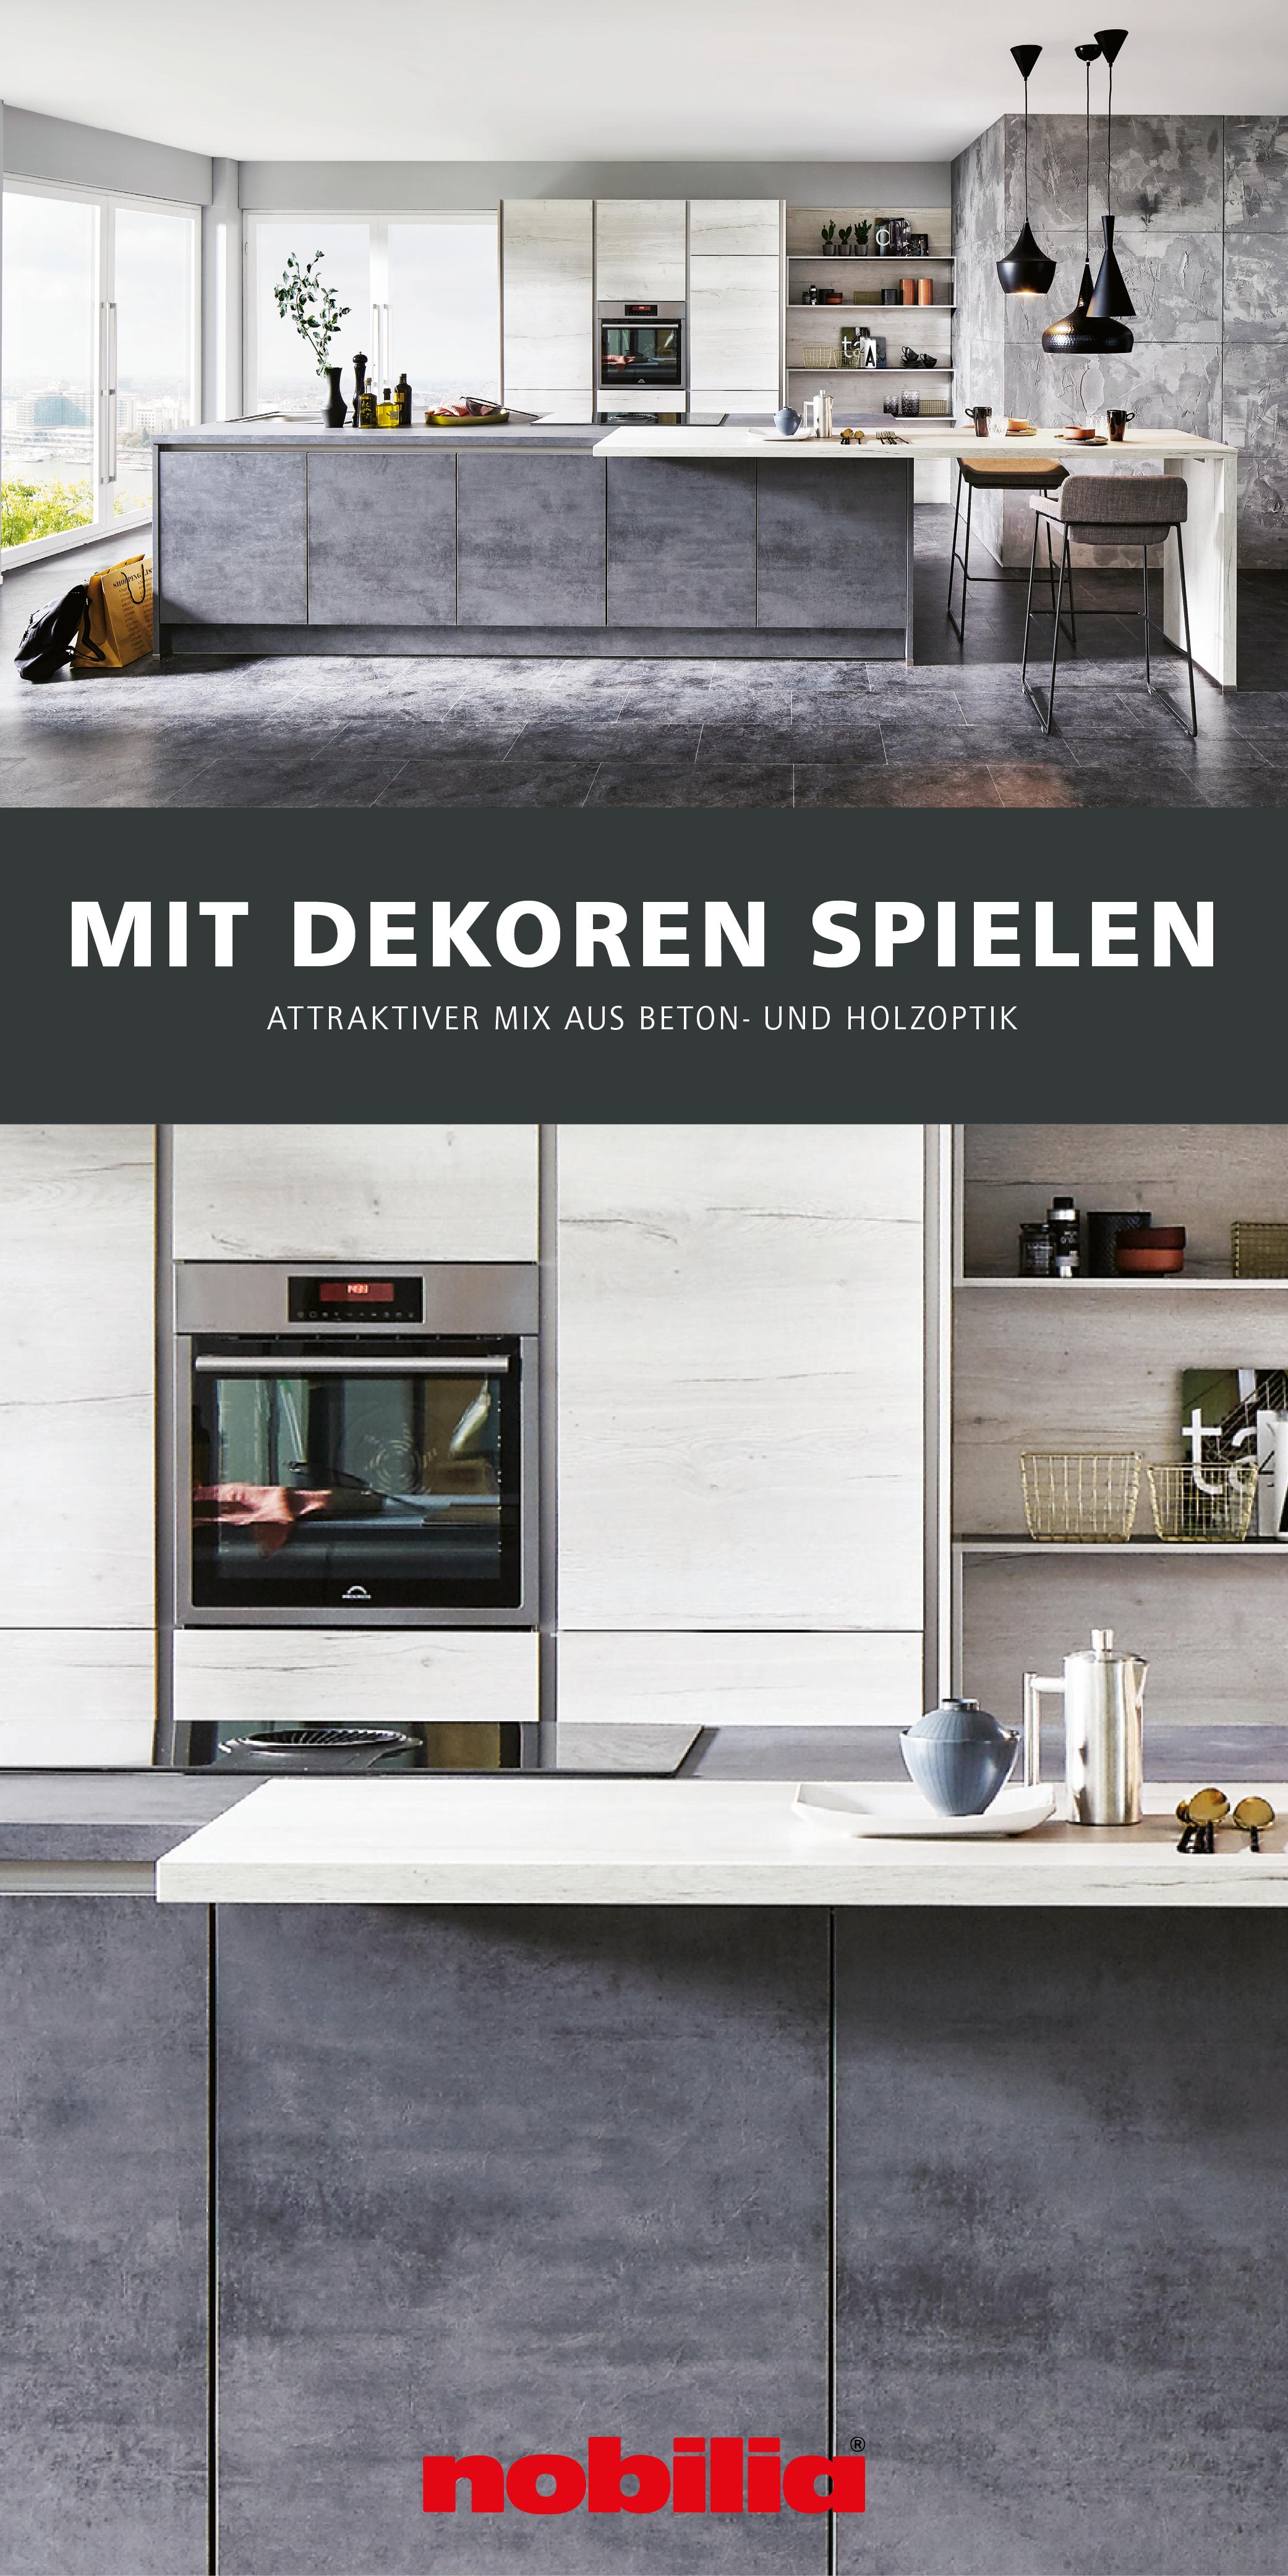 Kuchengestaltung Mit Beton Und Holzdekoren In 2020 Moderne Kuche Nobilia Kuchen Kuchenplanung